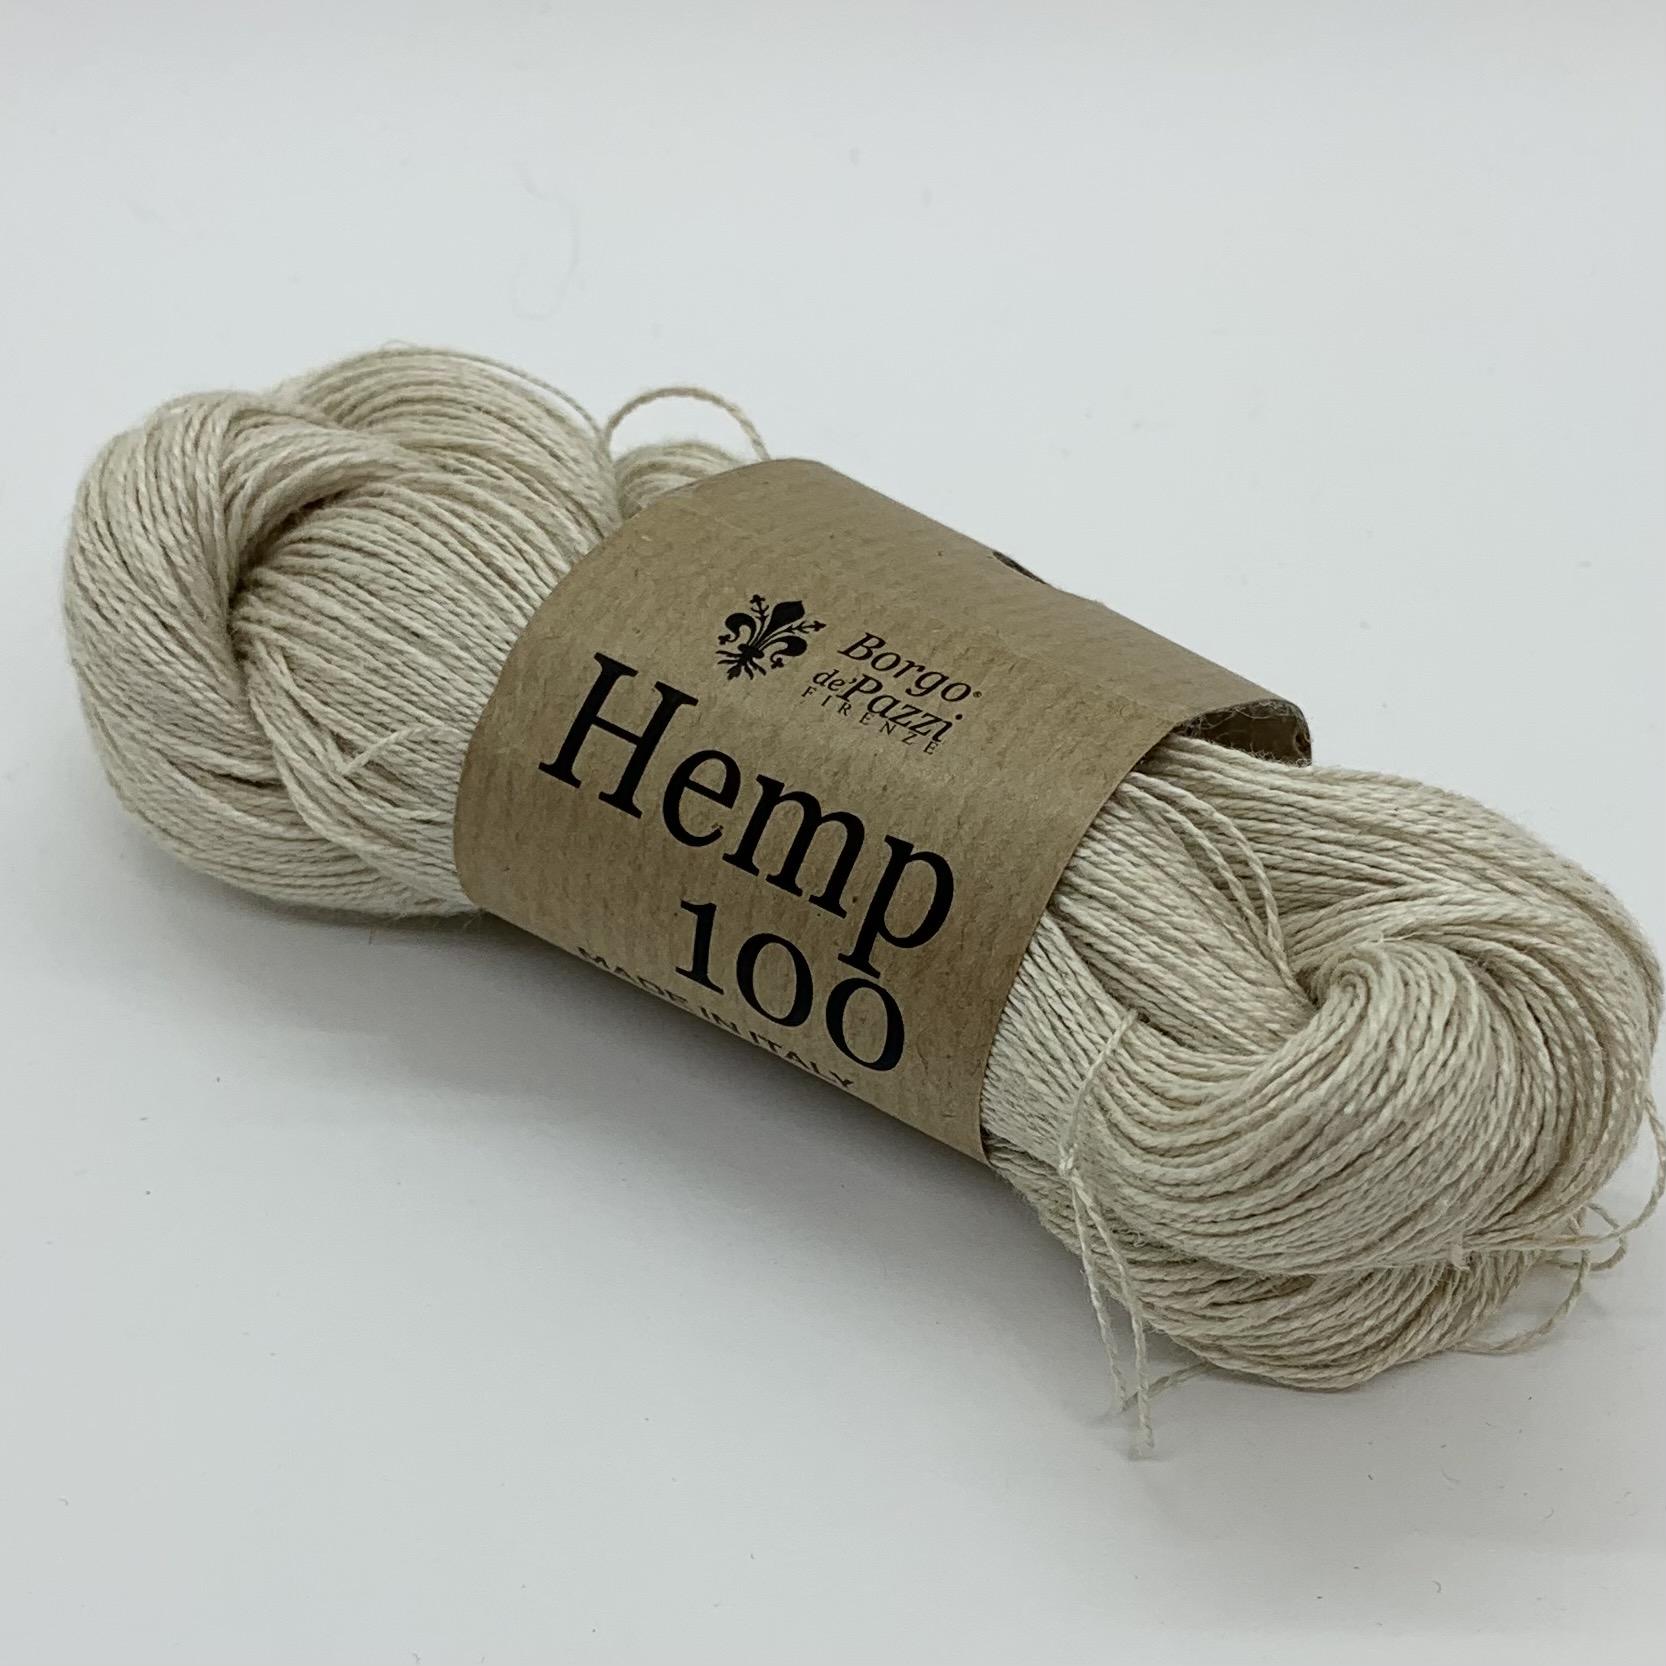 Hemp 100